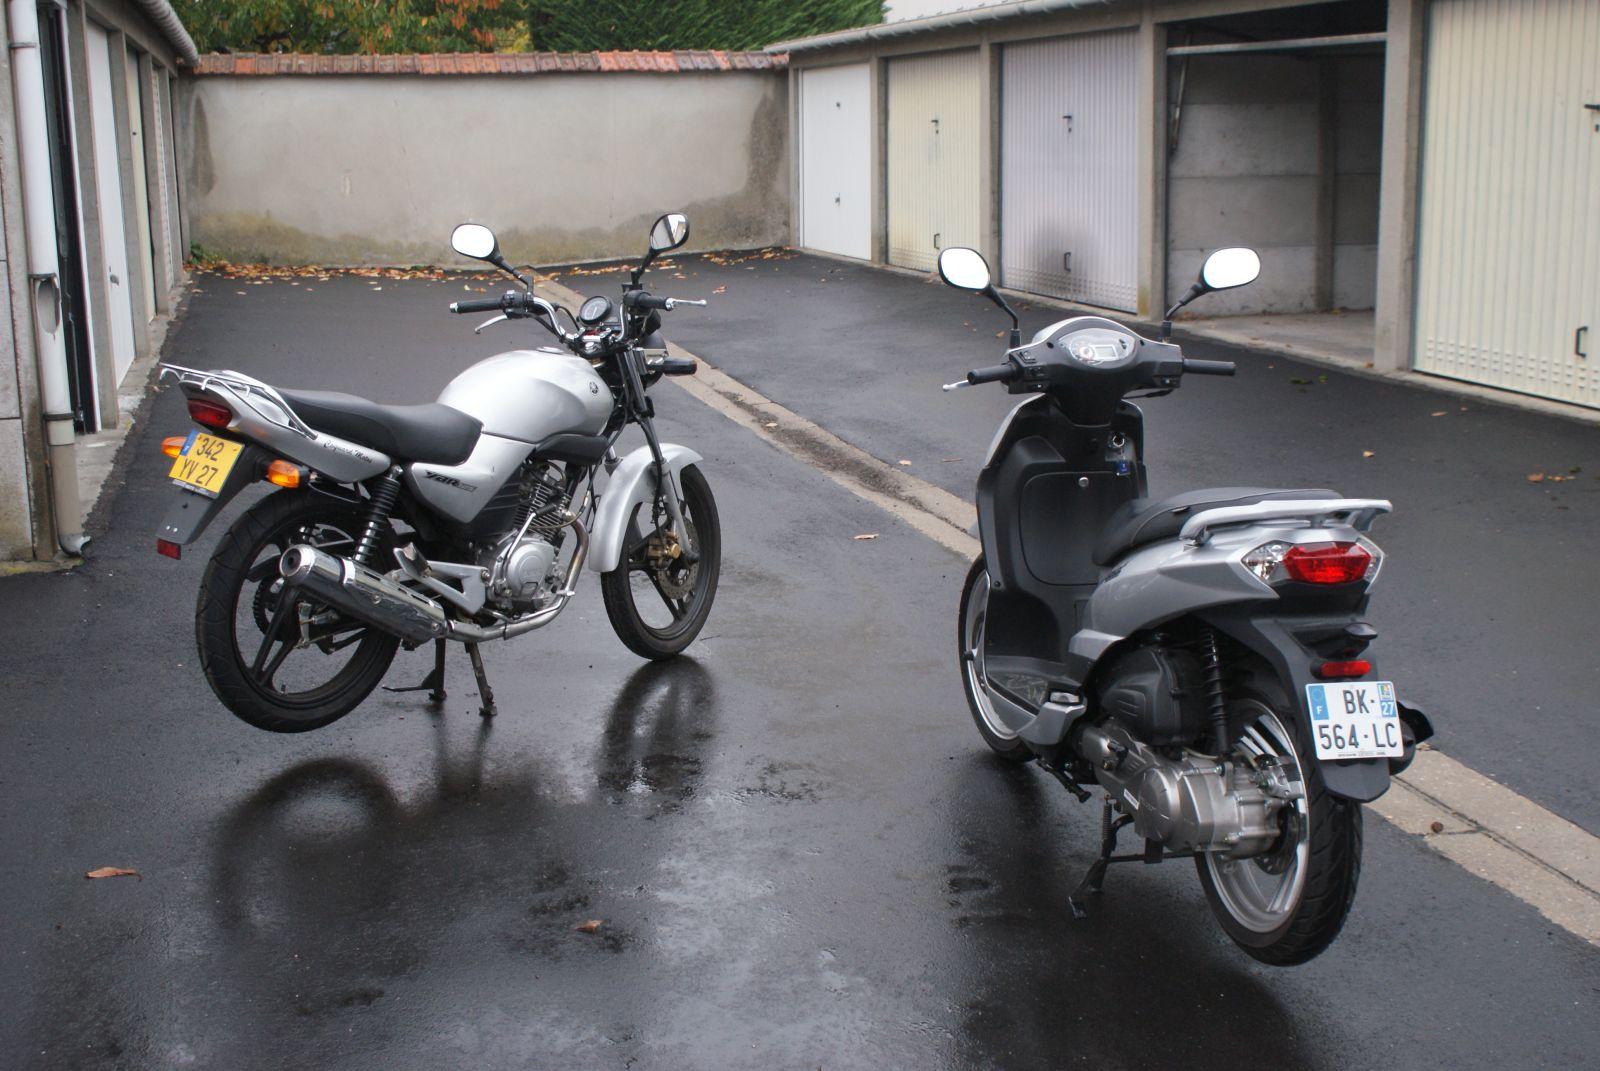 la Yamaha 125 et le Scooter 125 Peugeot